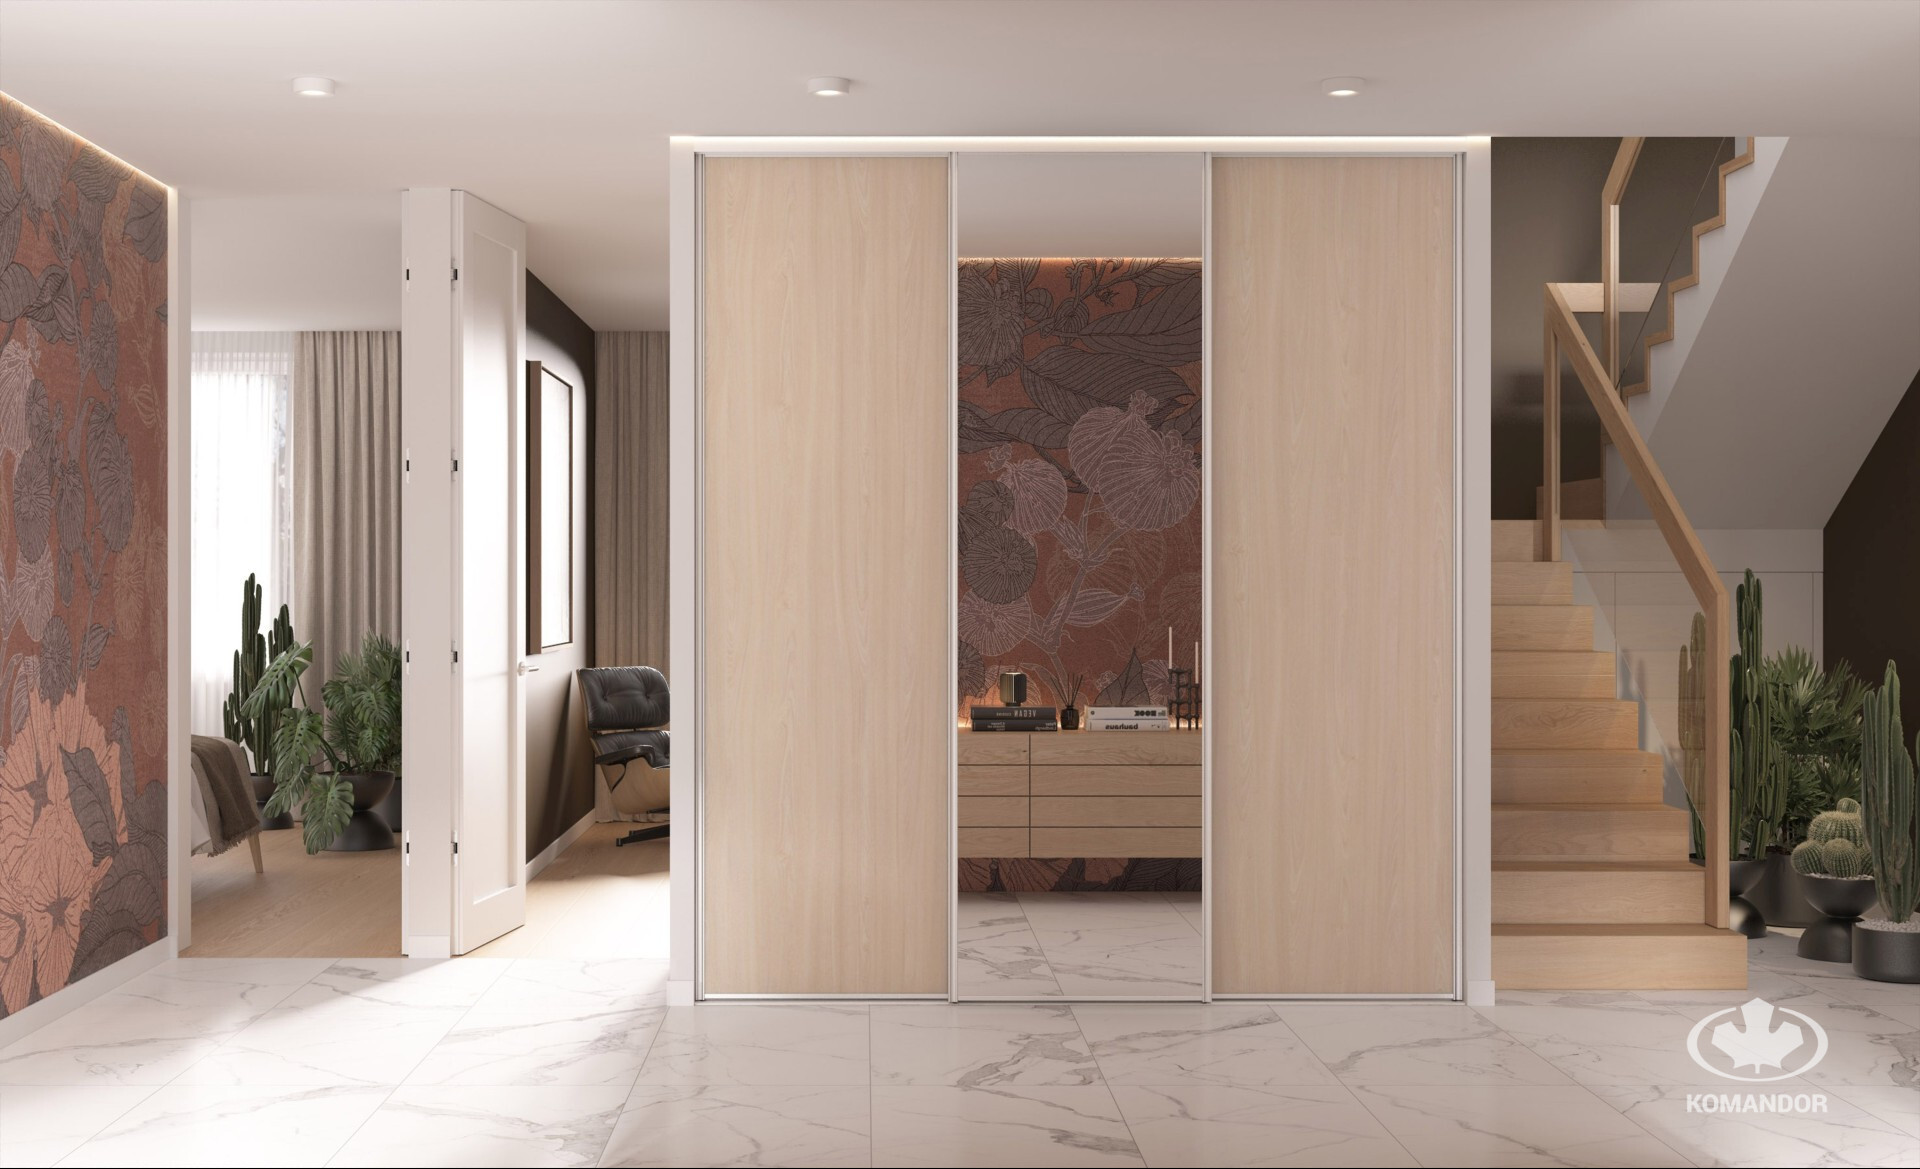 Klasszikus stílusú beépített szekrény